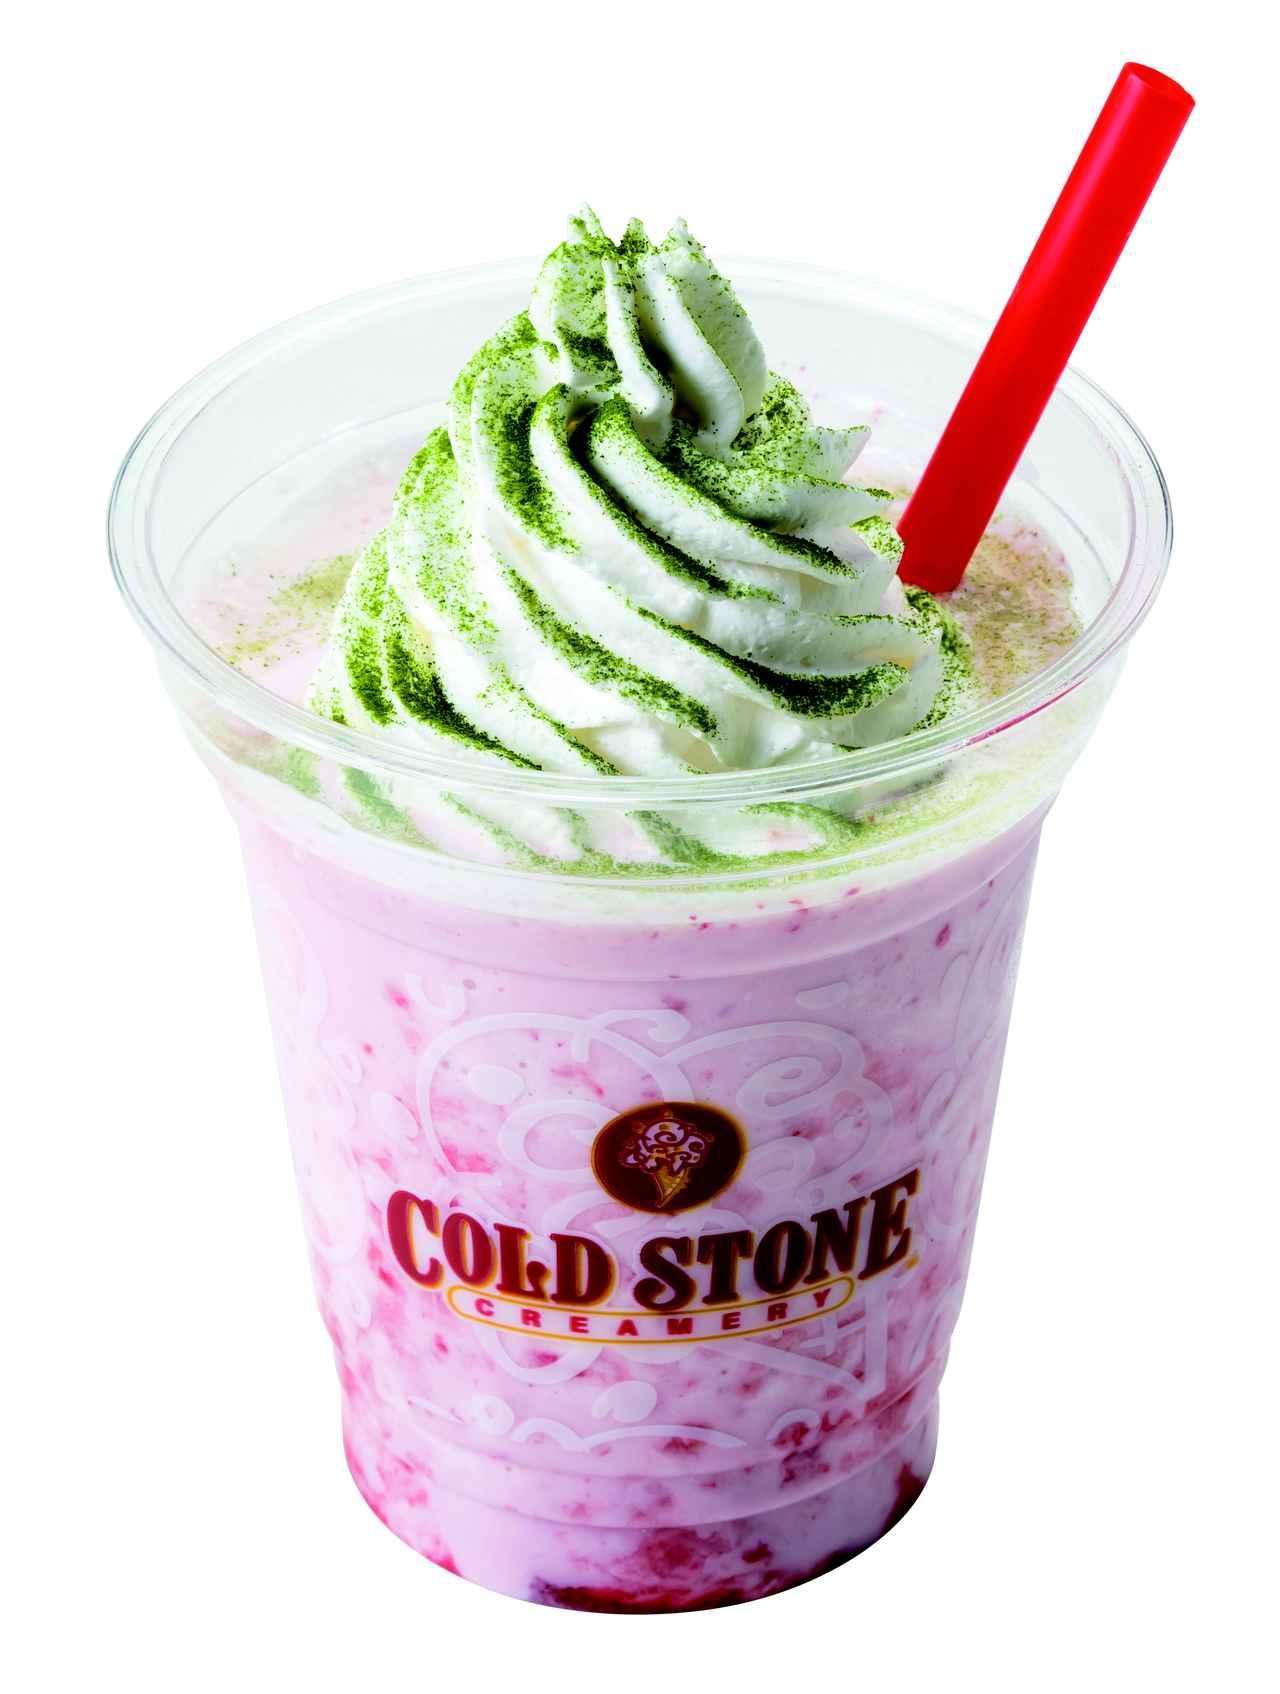 画像9: 大人気のアイスクリームが今年も登場!春のごちそう♪「あまおう」シリーズ新発売